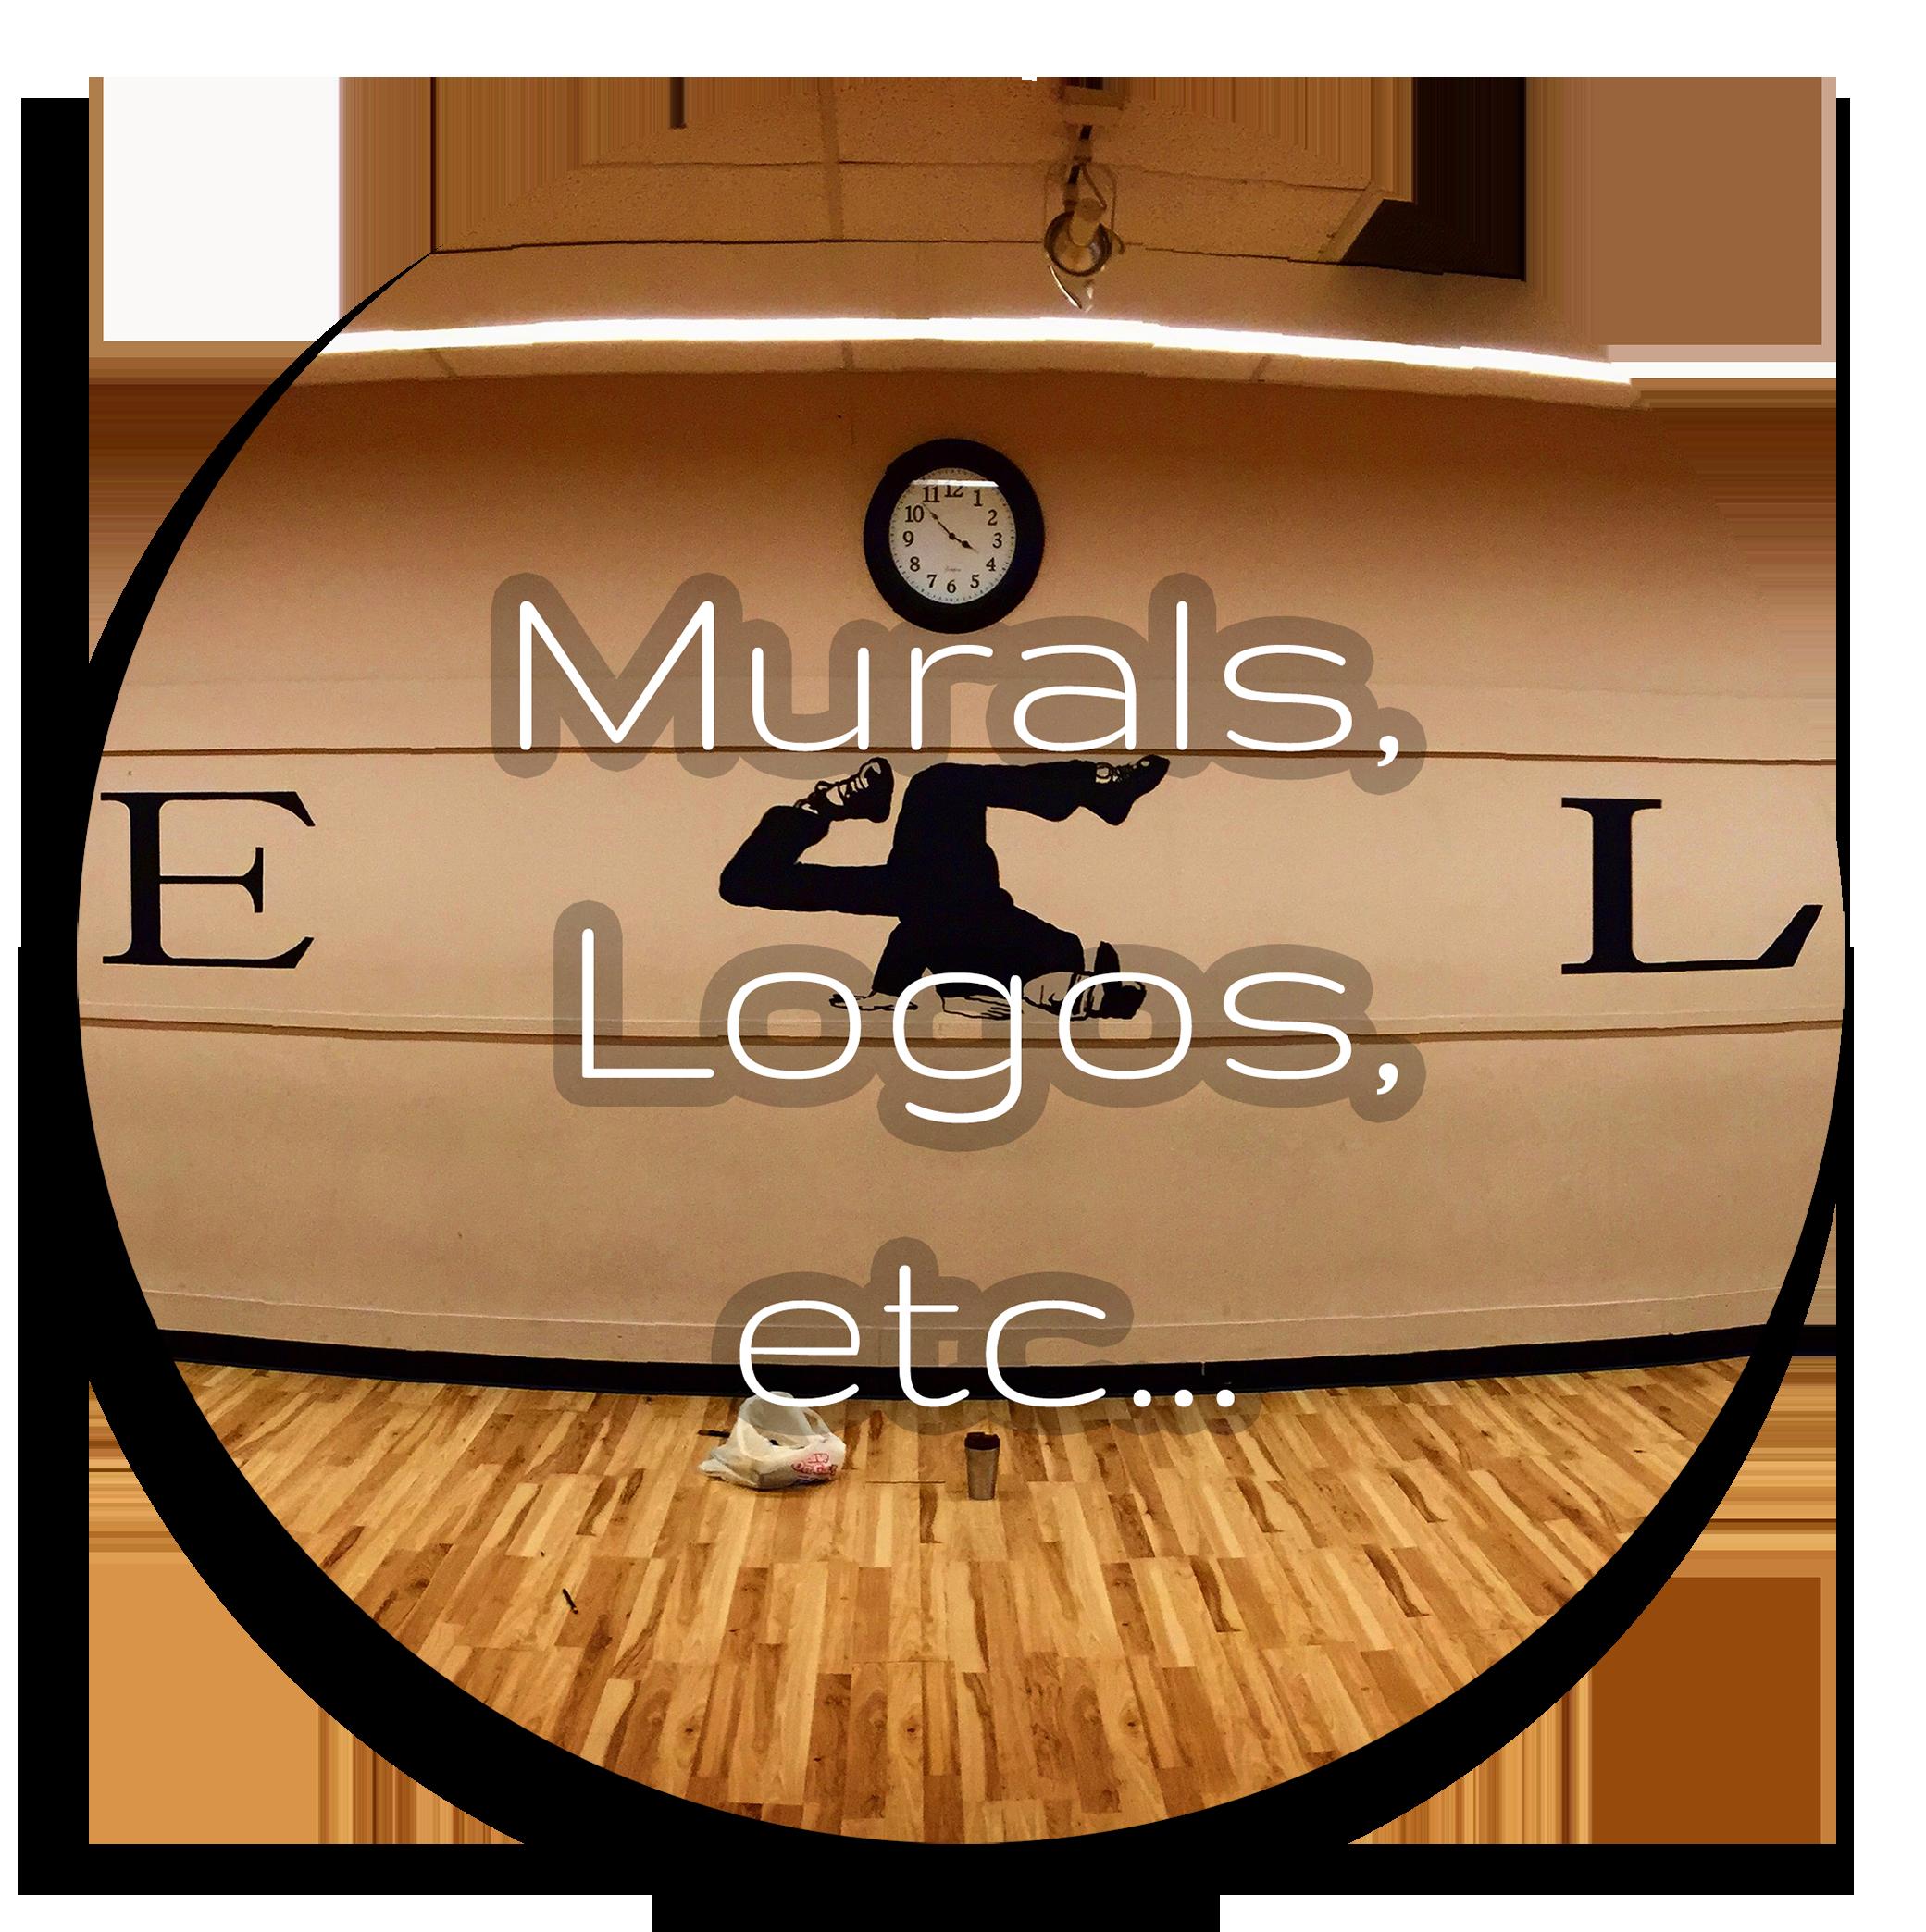 Murals, Logos Button 2.png